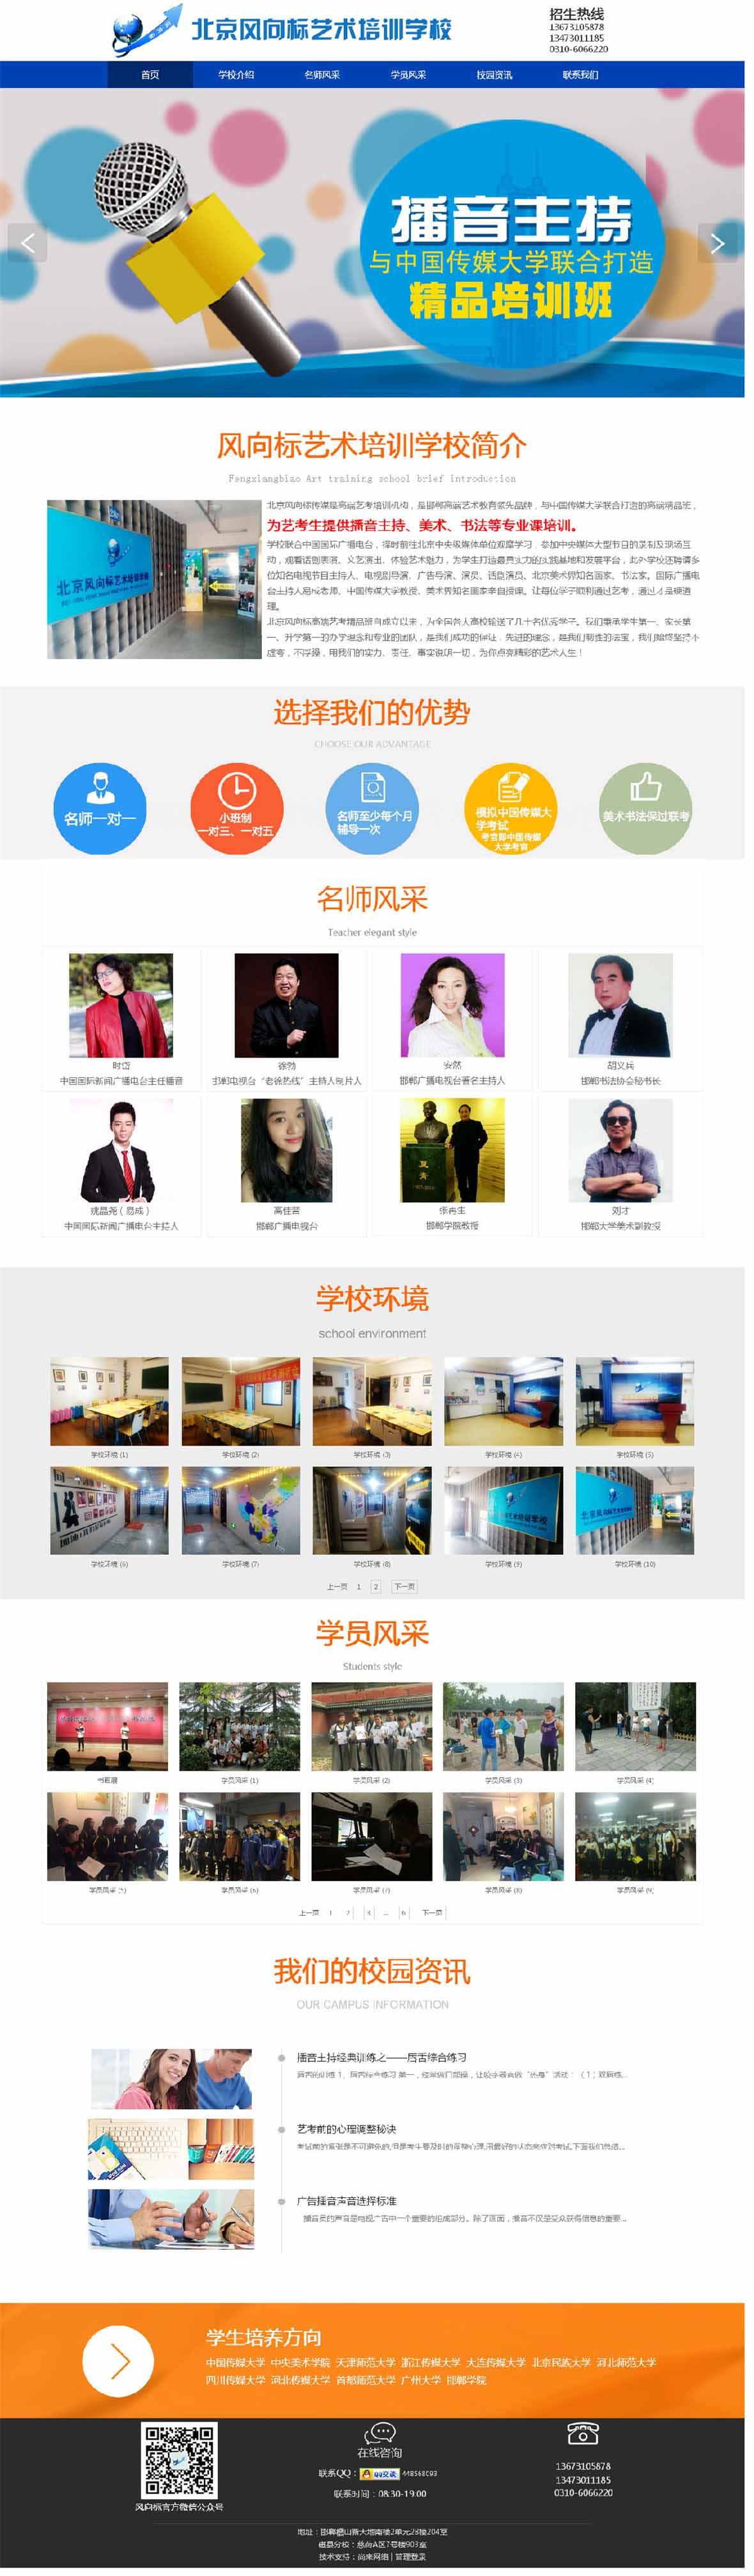 北京风向标艺术培训学校.jpg